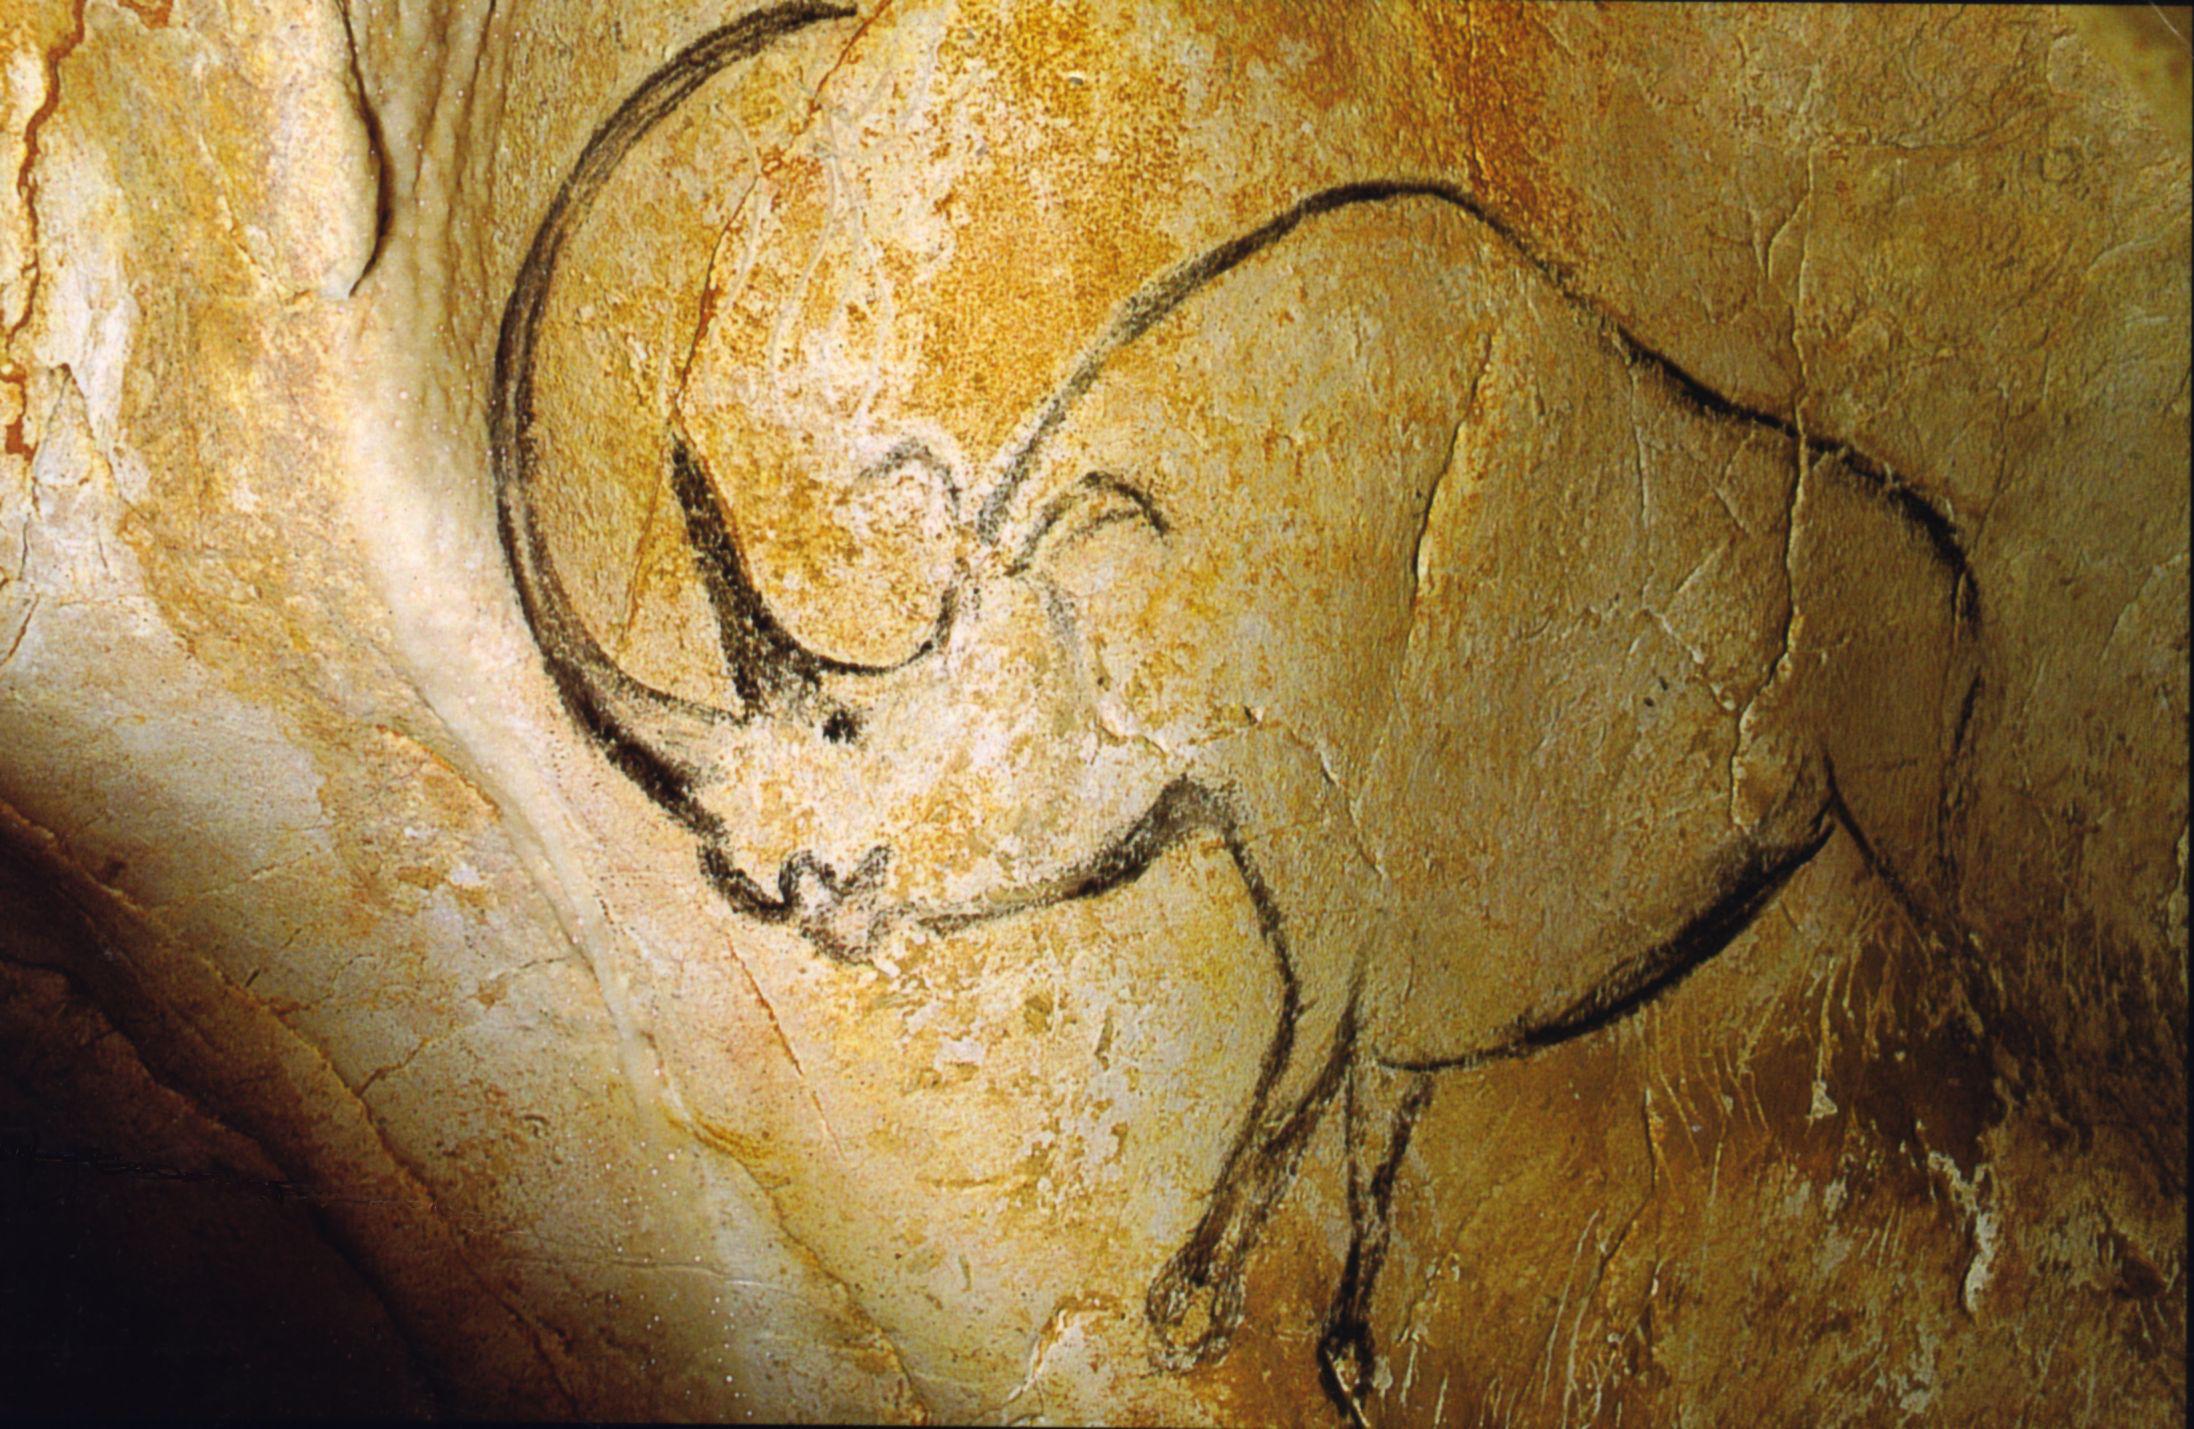 02_Rhinoceros